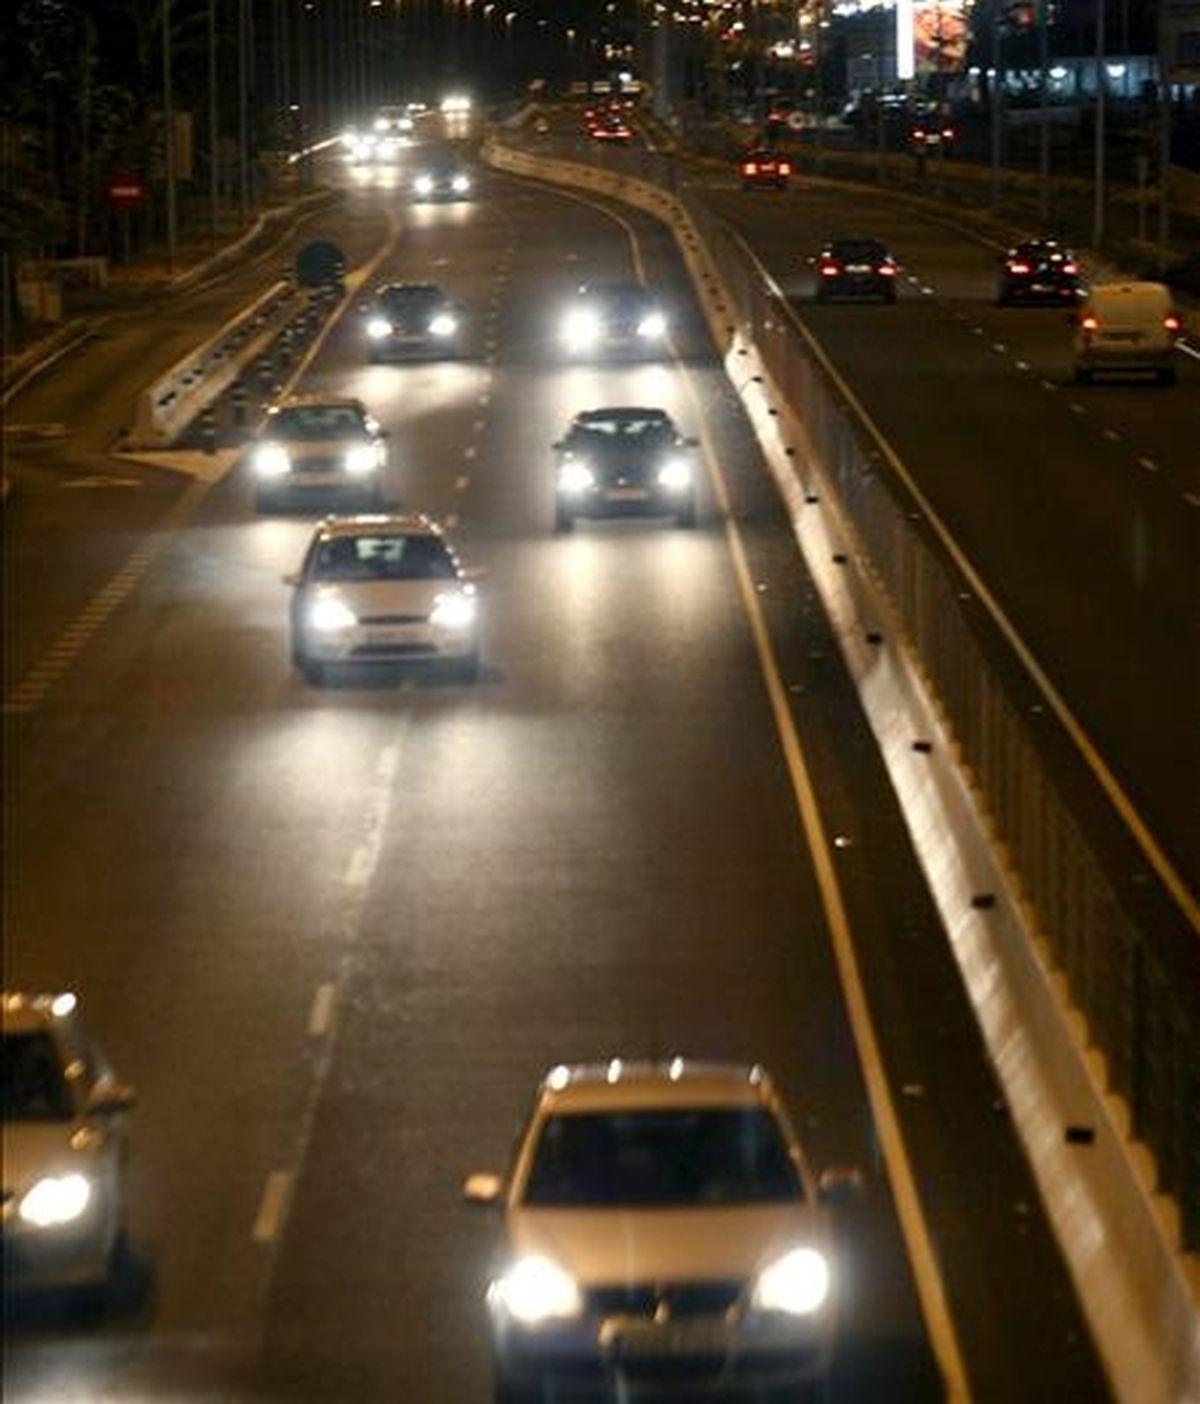 Aspecto de la Nacional 332 a la altura de Torrevieja en una jornada en la que la normalidad es la tónica general en las carreteras en la jornada en la que ha tenido lugar la operación especial de tráfico con motivo del Puente de la Constitución. EFE